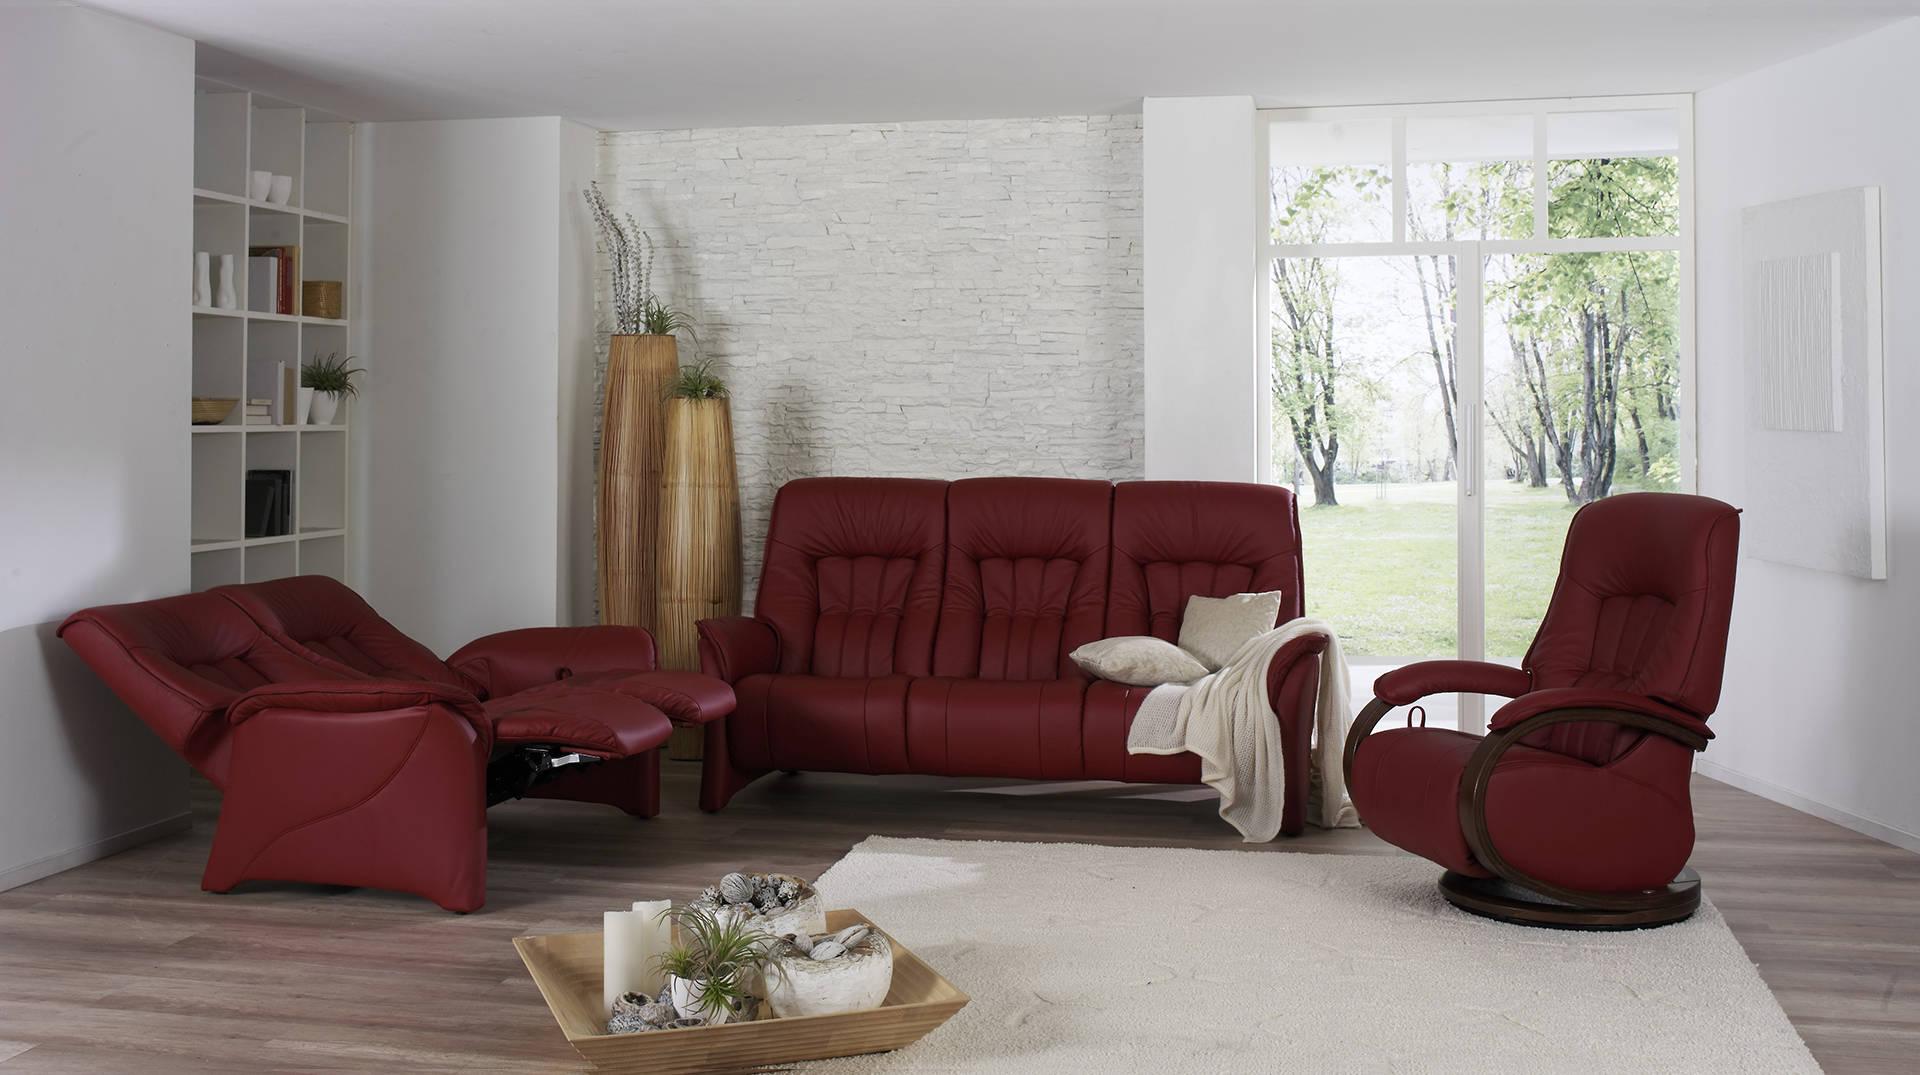 sofás color rojo para interior